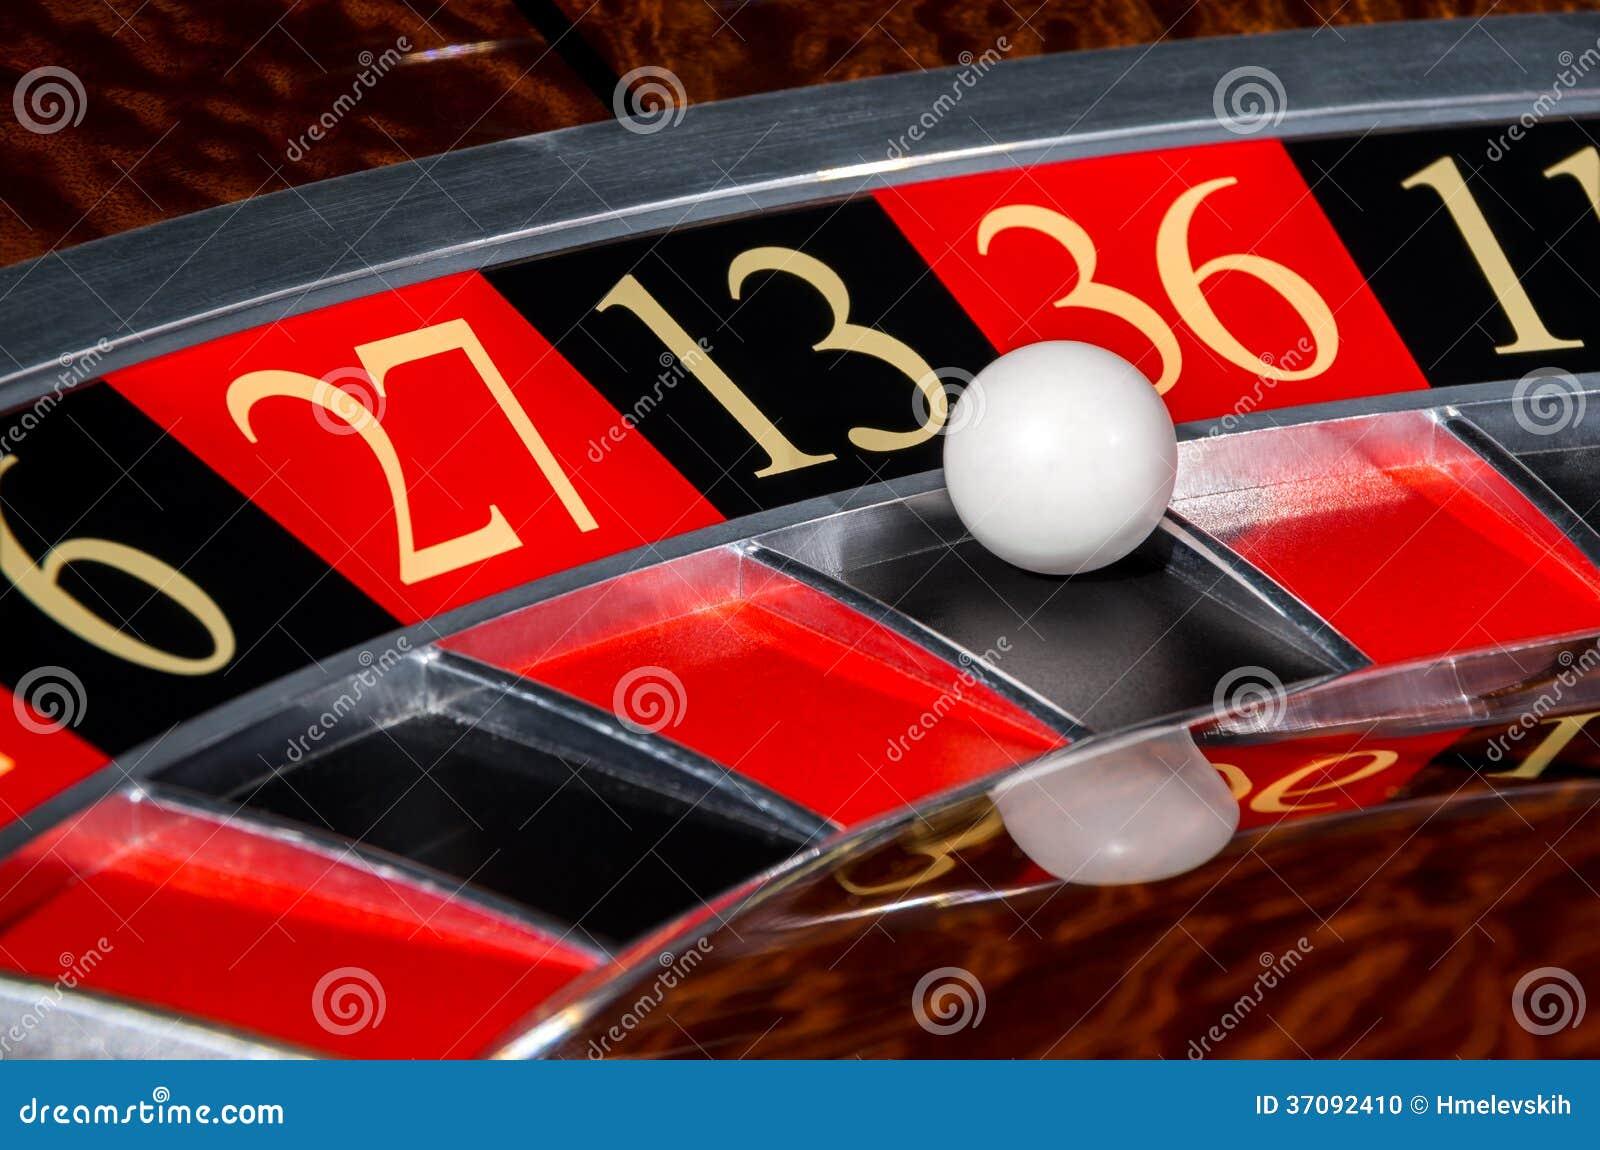 black 13 roulette